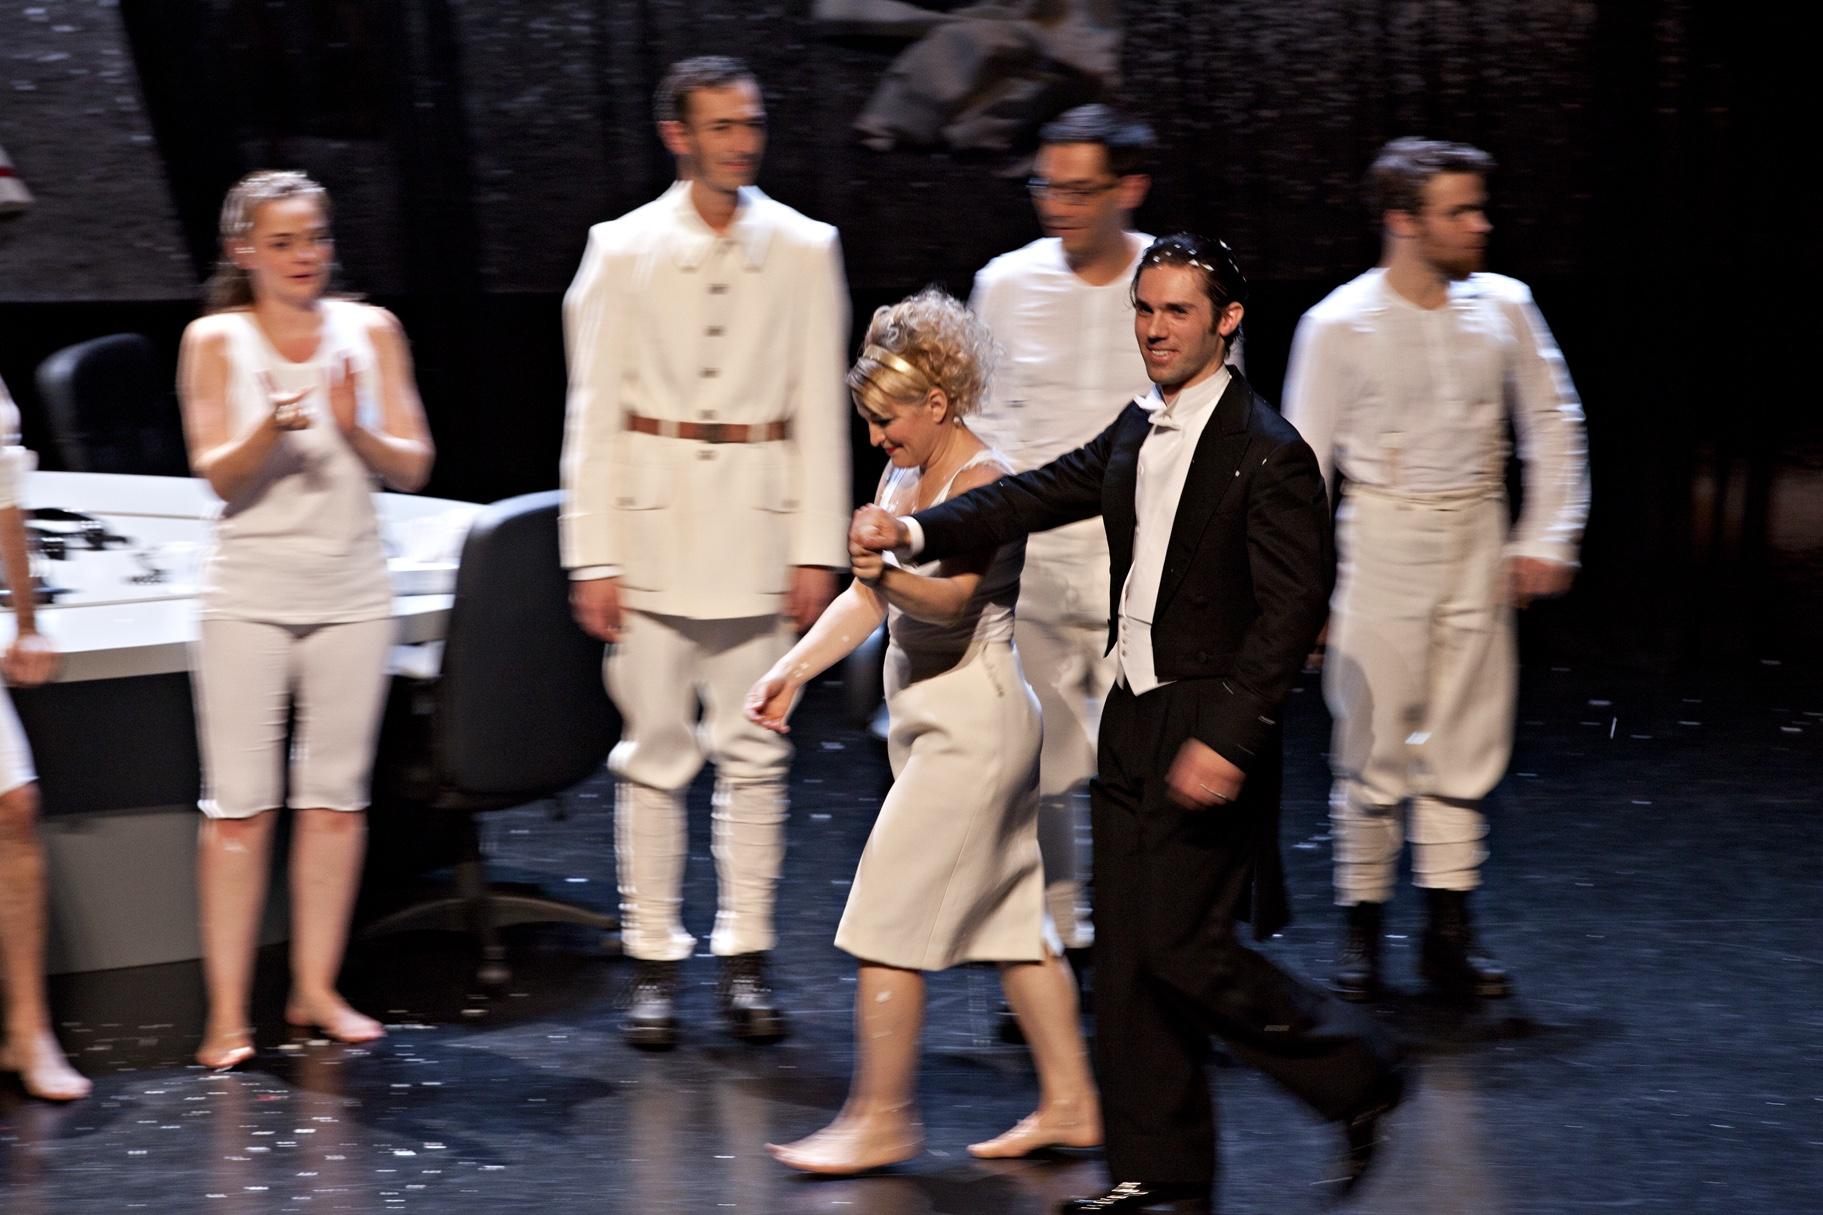 Comédie de Valence, France| Orchestre de l'Opéra de Lyon  Ullmann, Der Kaiser von Atlantis   © Jean-Louis Fernandez - November 2012